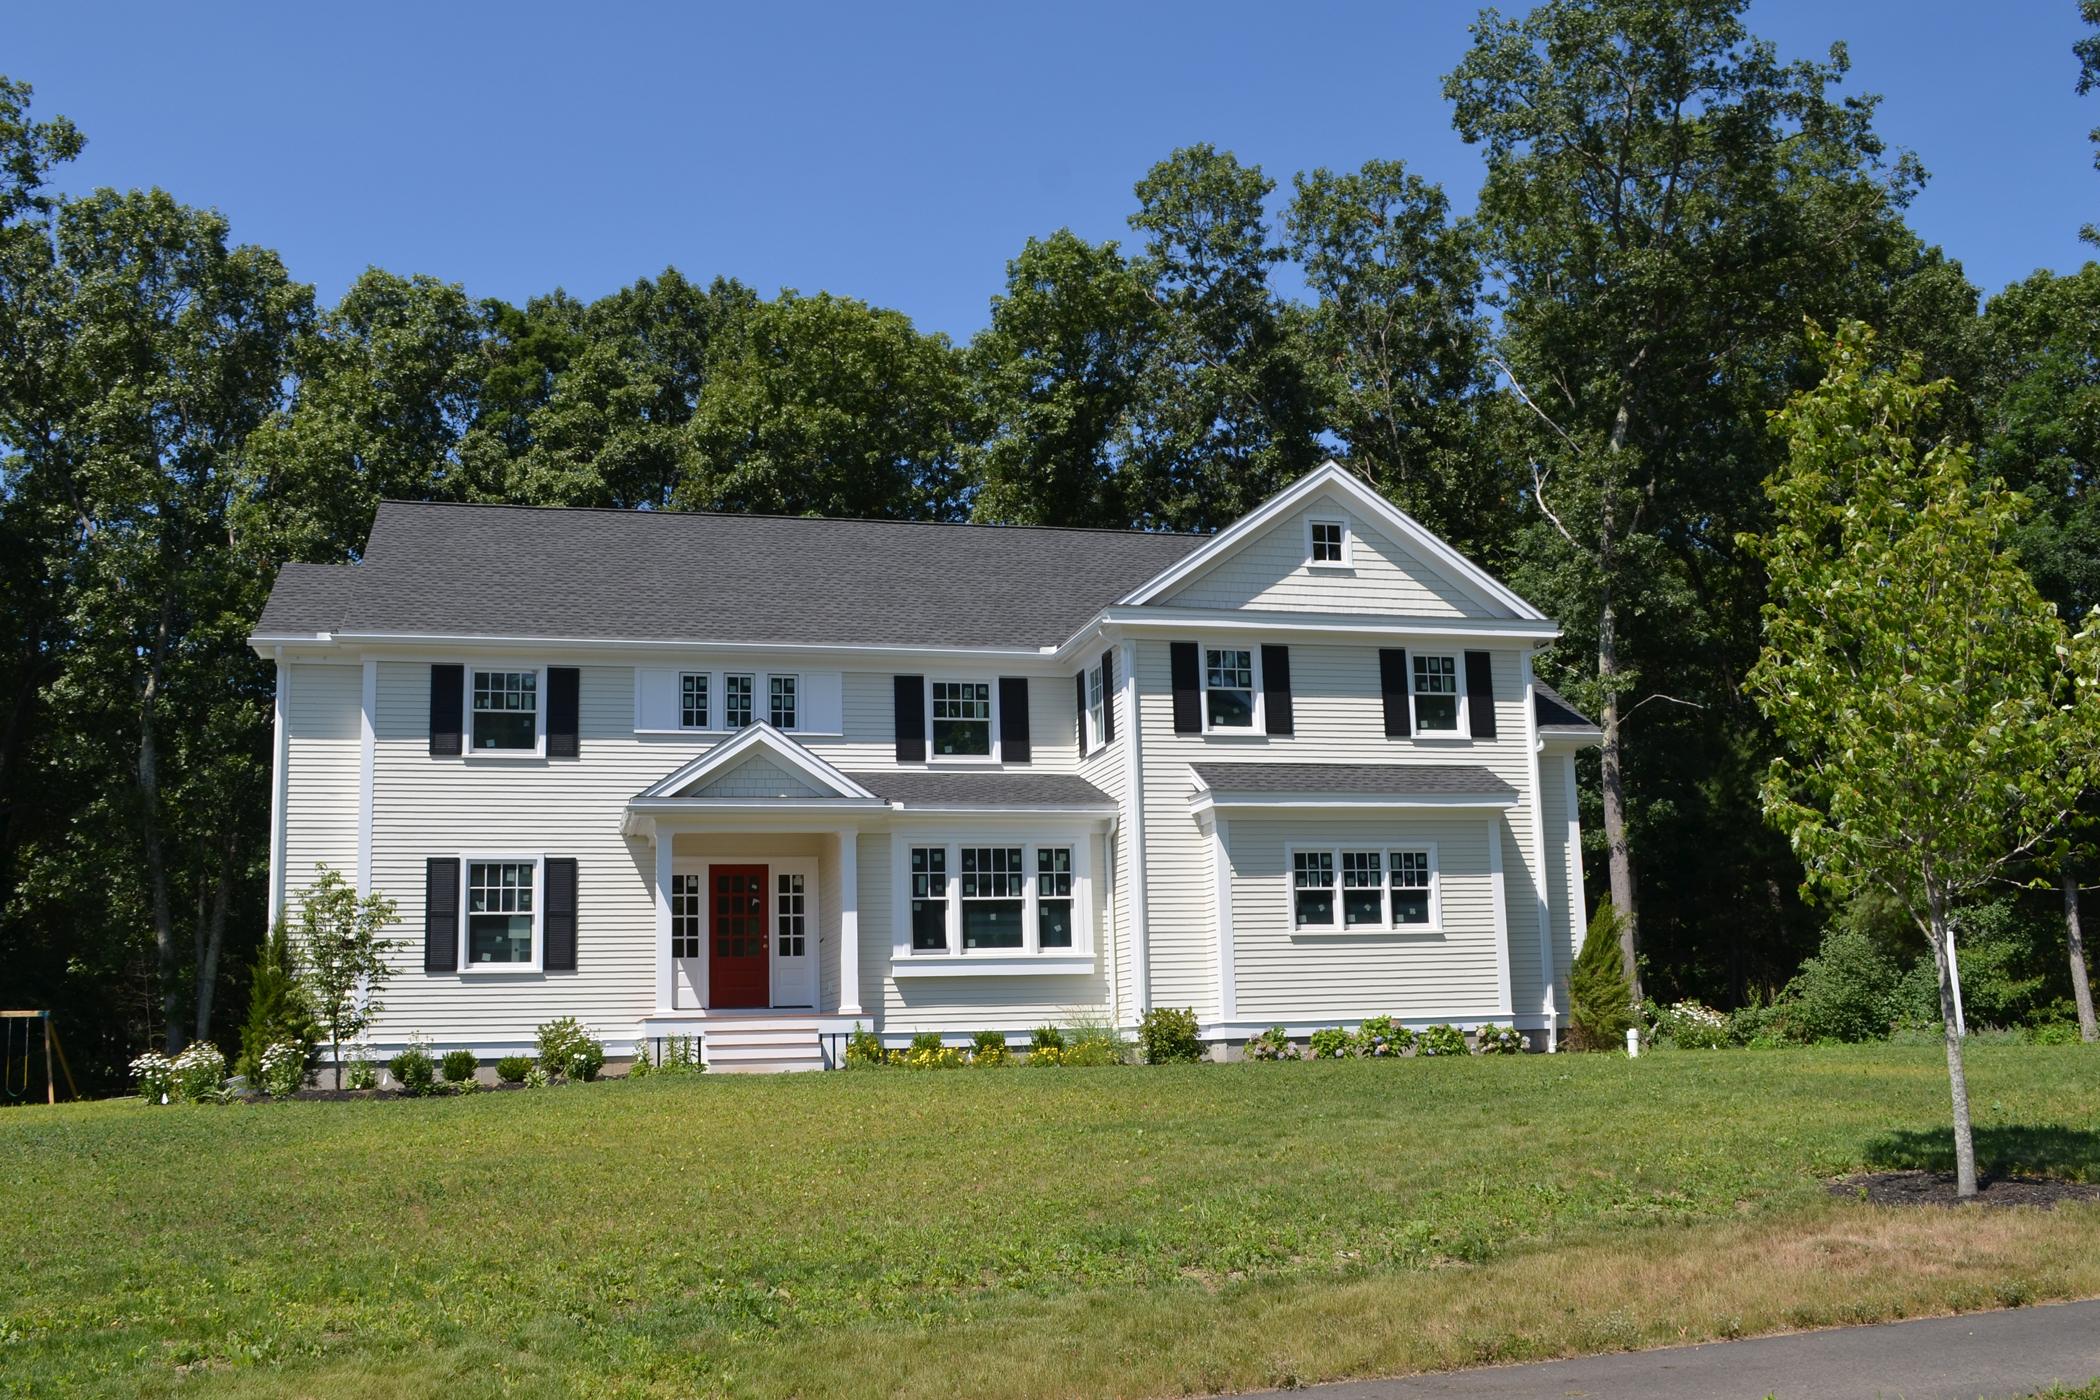 Casa para uma família para Venda às Lovely Colonial at Monsen Farm Lot 7 Monsen Road Concord, Massachusetts, 01742 Estados Unidos